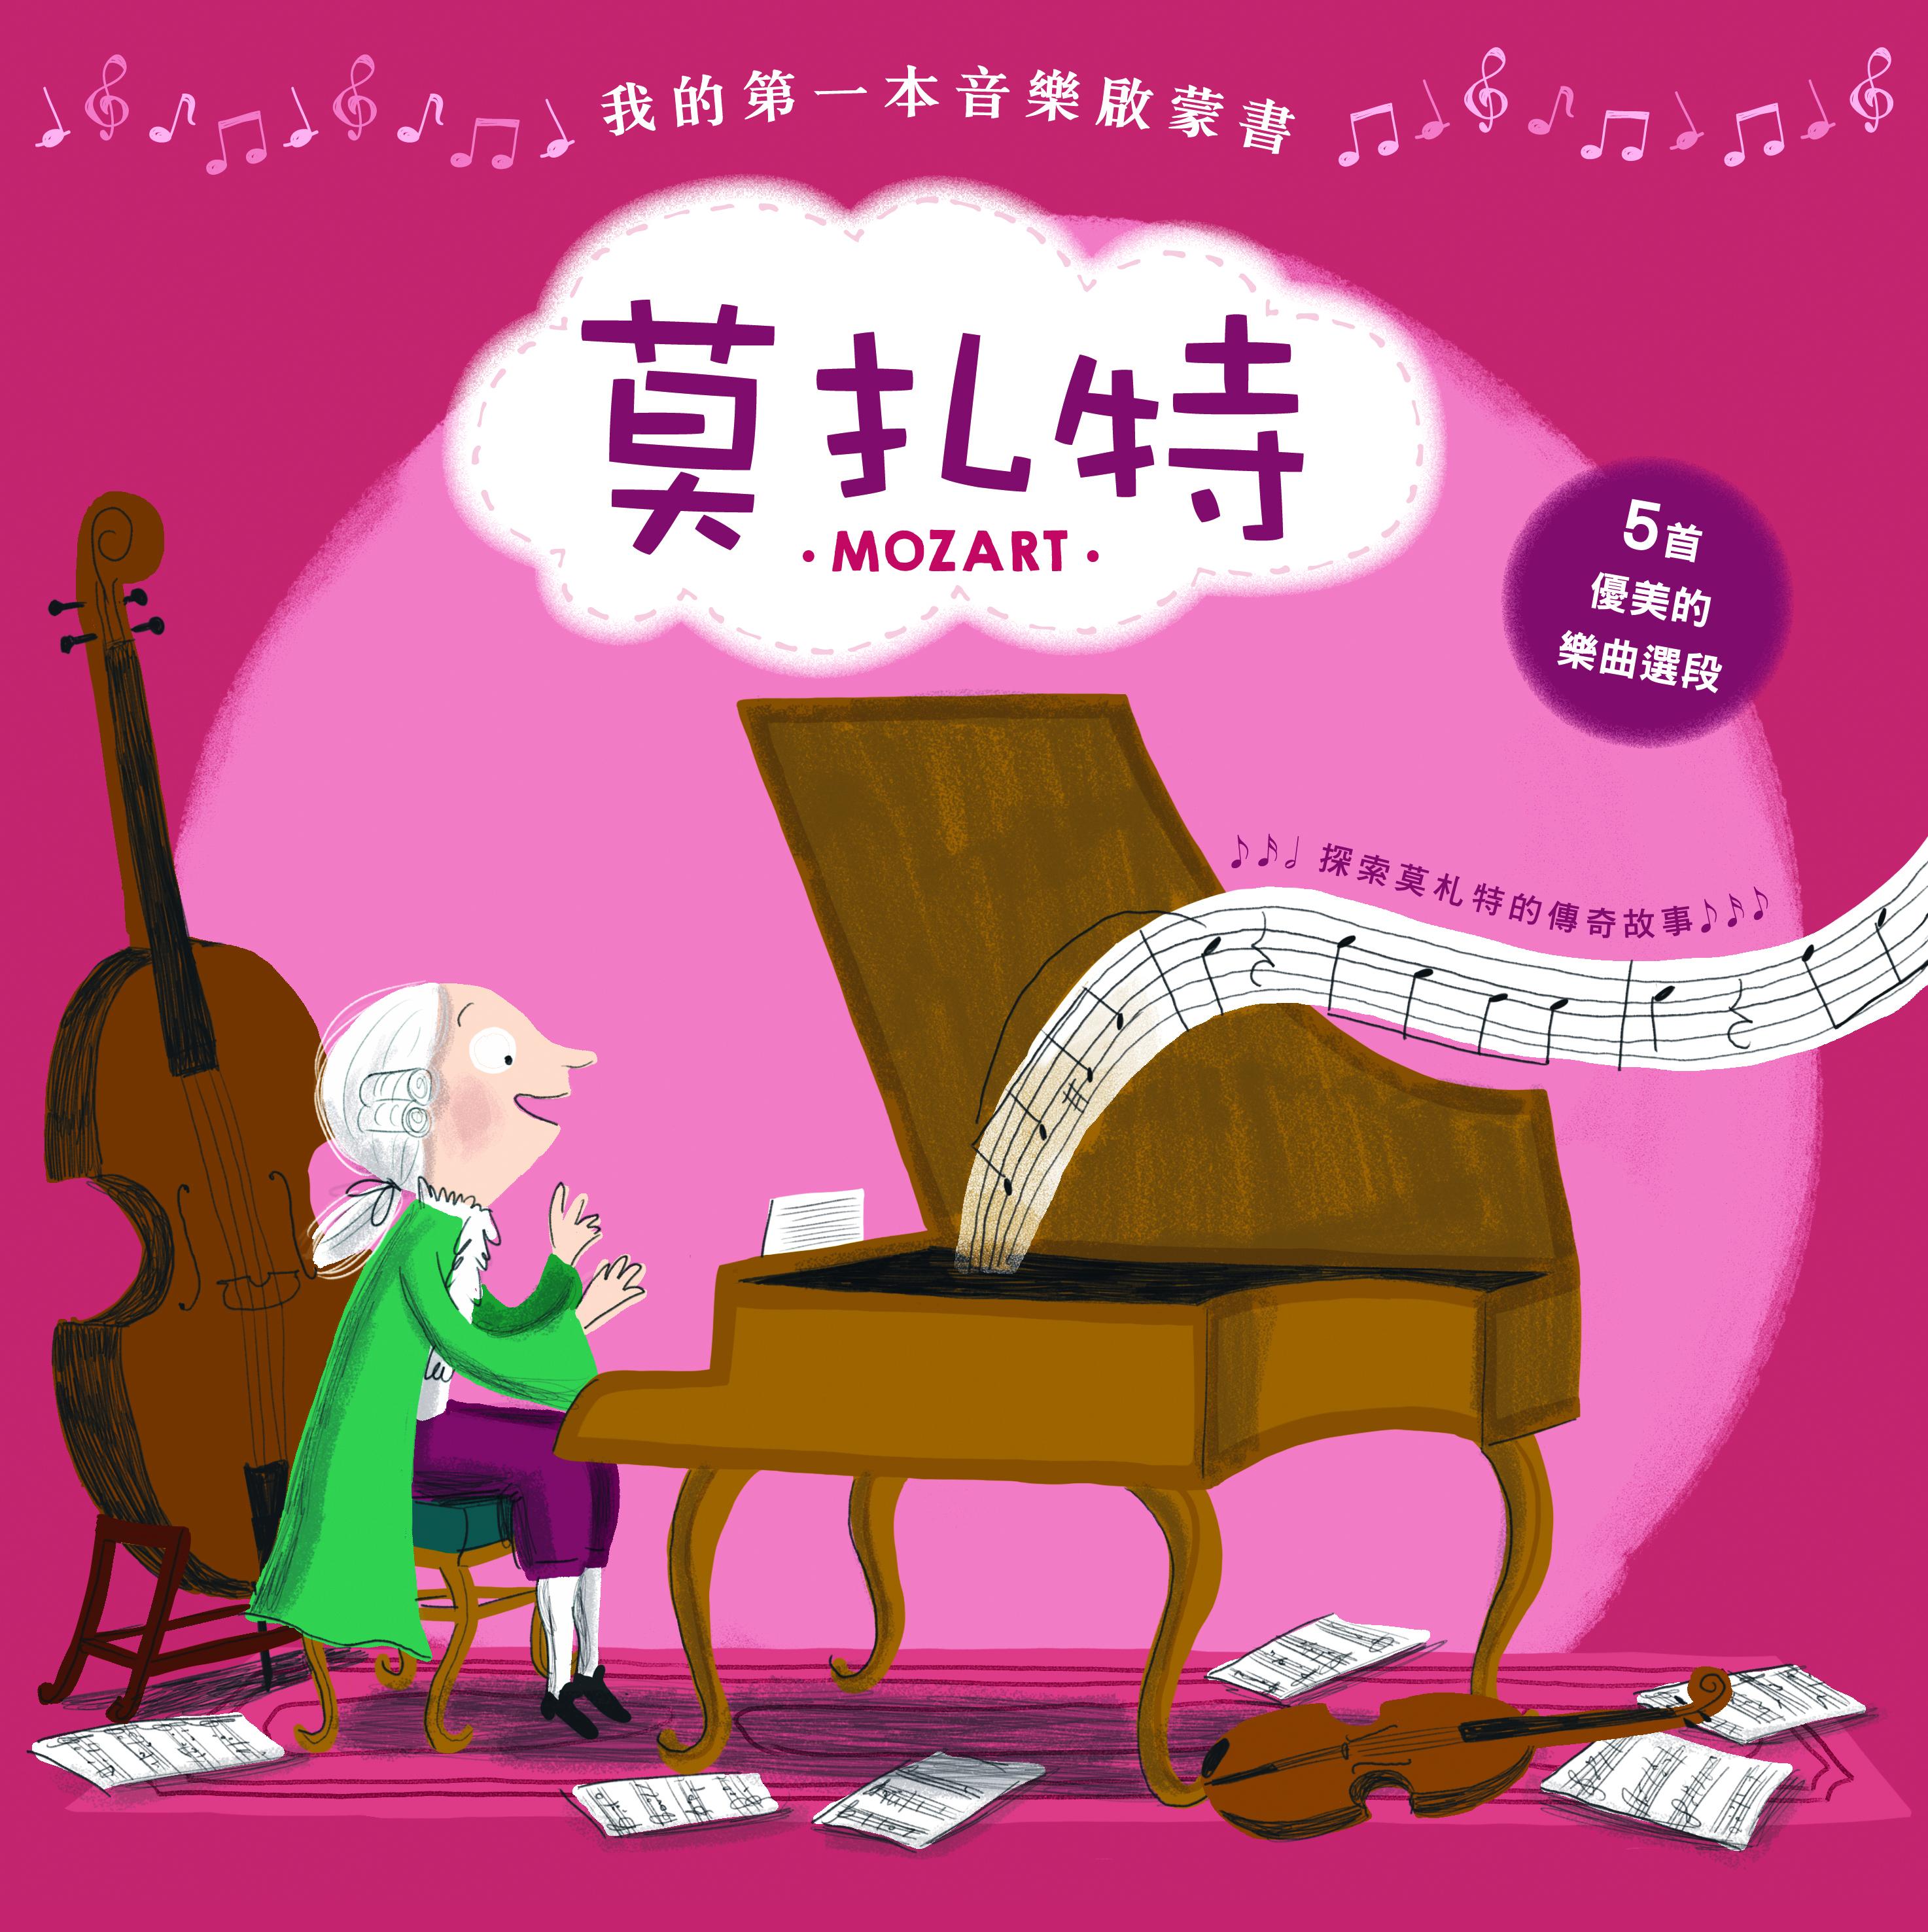 我的第一本音樂啟蒙書——莫扎特